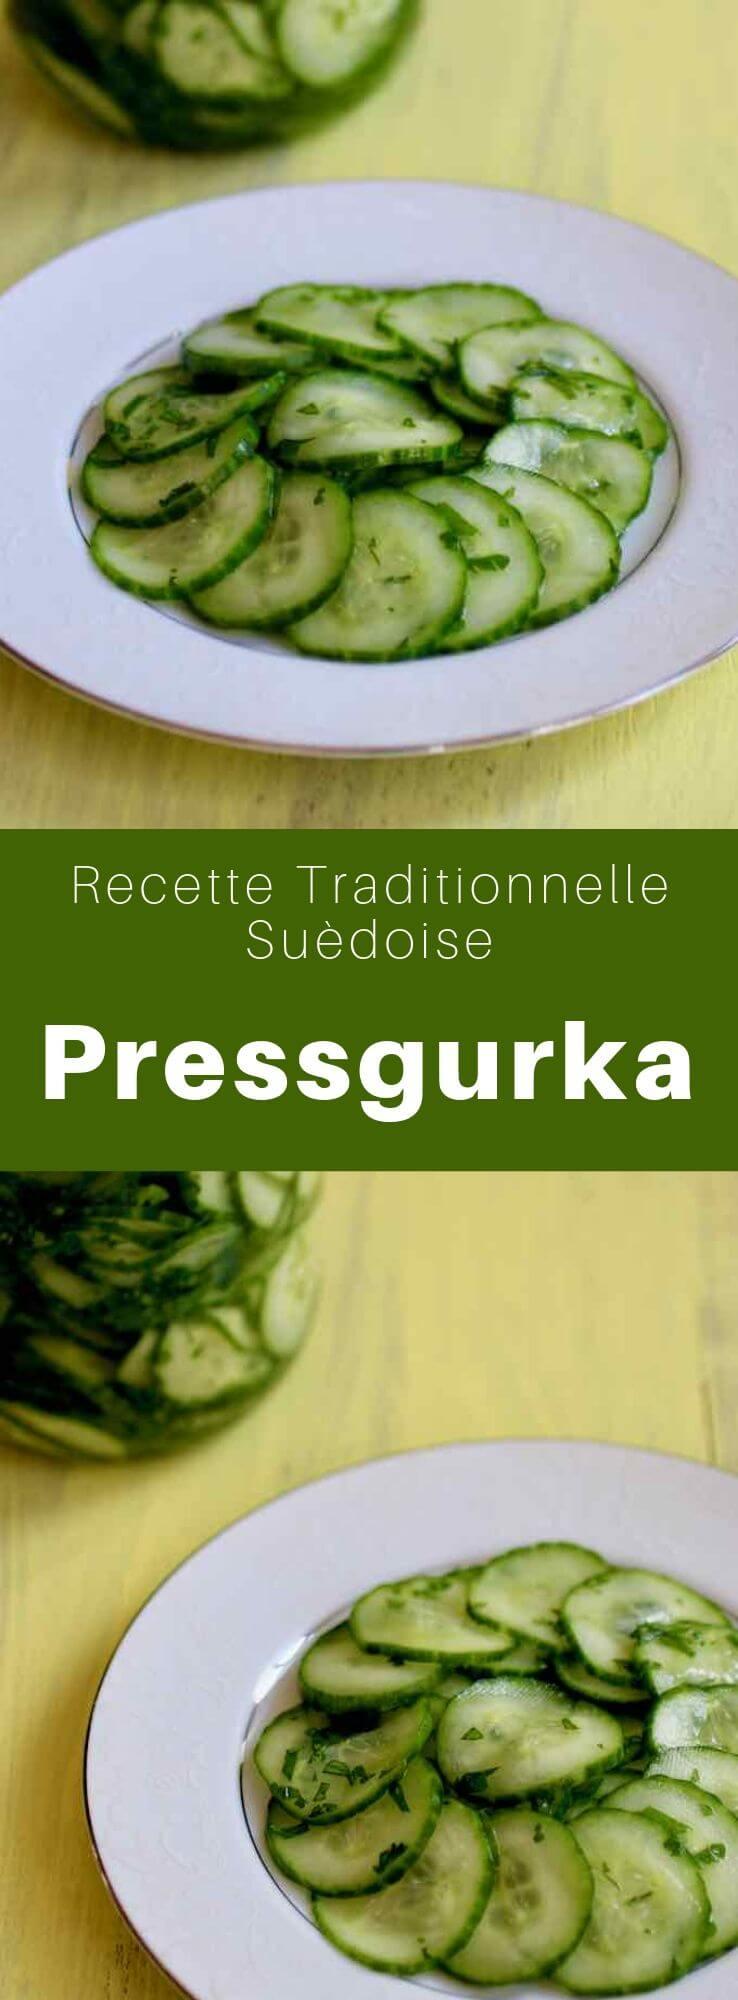 Le pressgurka est une recette traditionnelle suédoise à base de concombre salé, pressé et mariné au sucre et au vinaigre. #Suede #RecetteSuedoise #CuisineSuedoise #RecetteScandinave #CuisineScandinave #CuisineDuMonde #196flavors